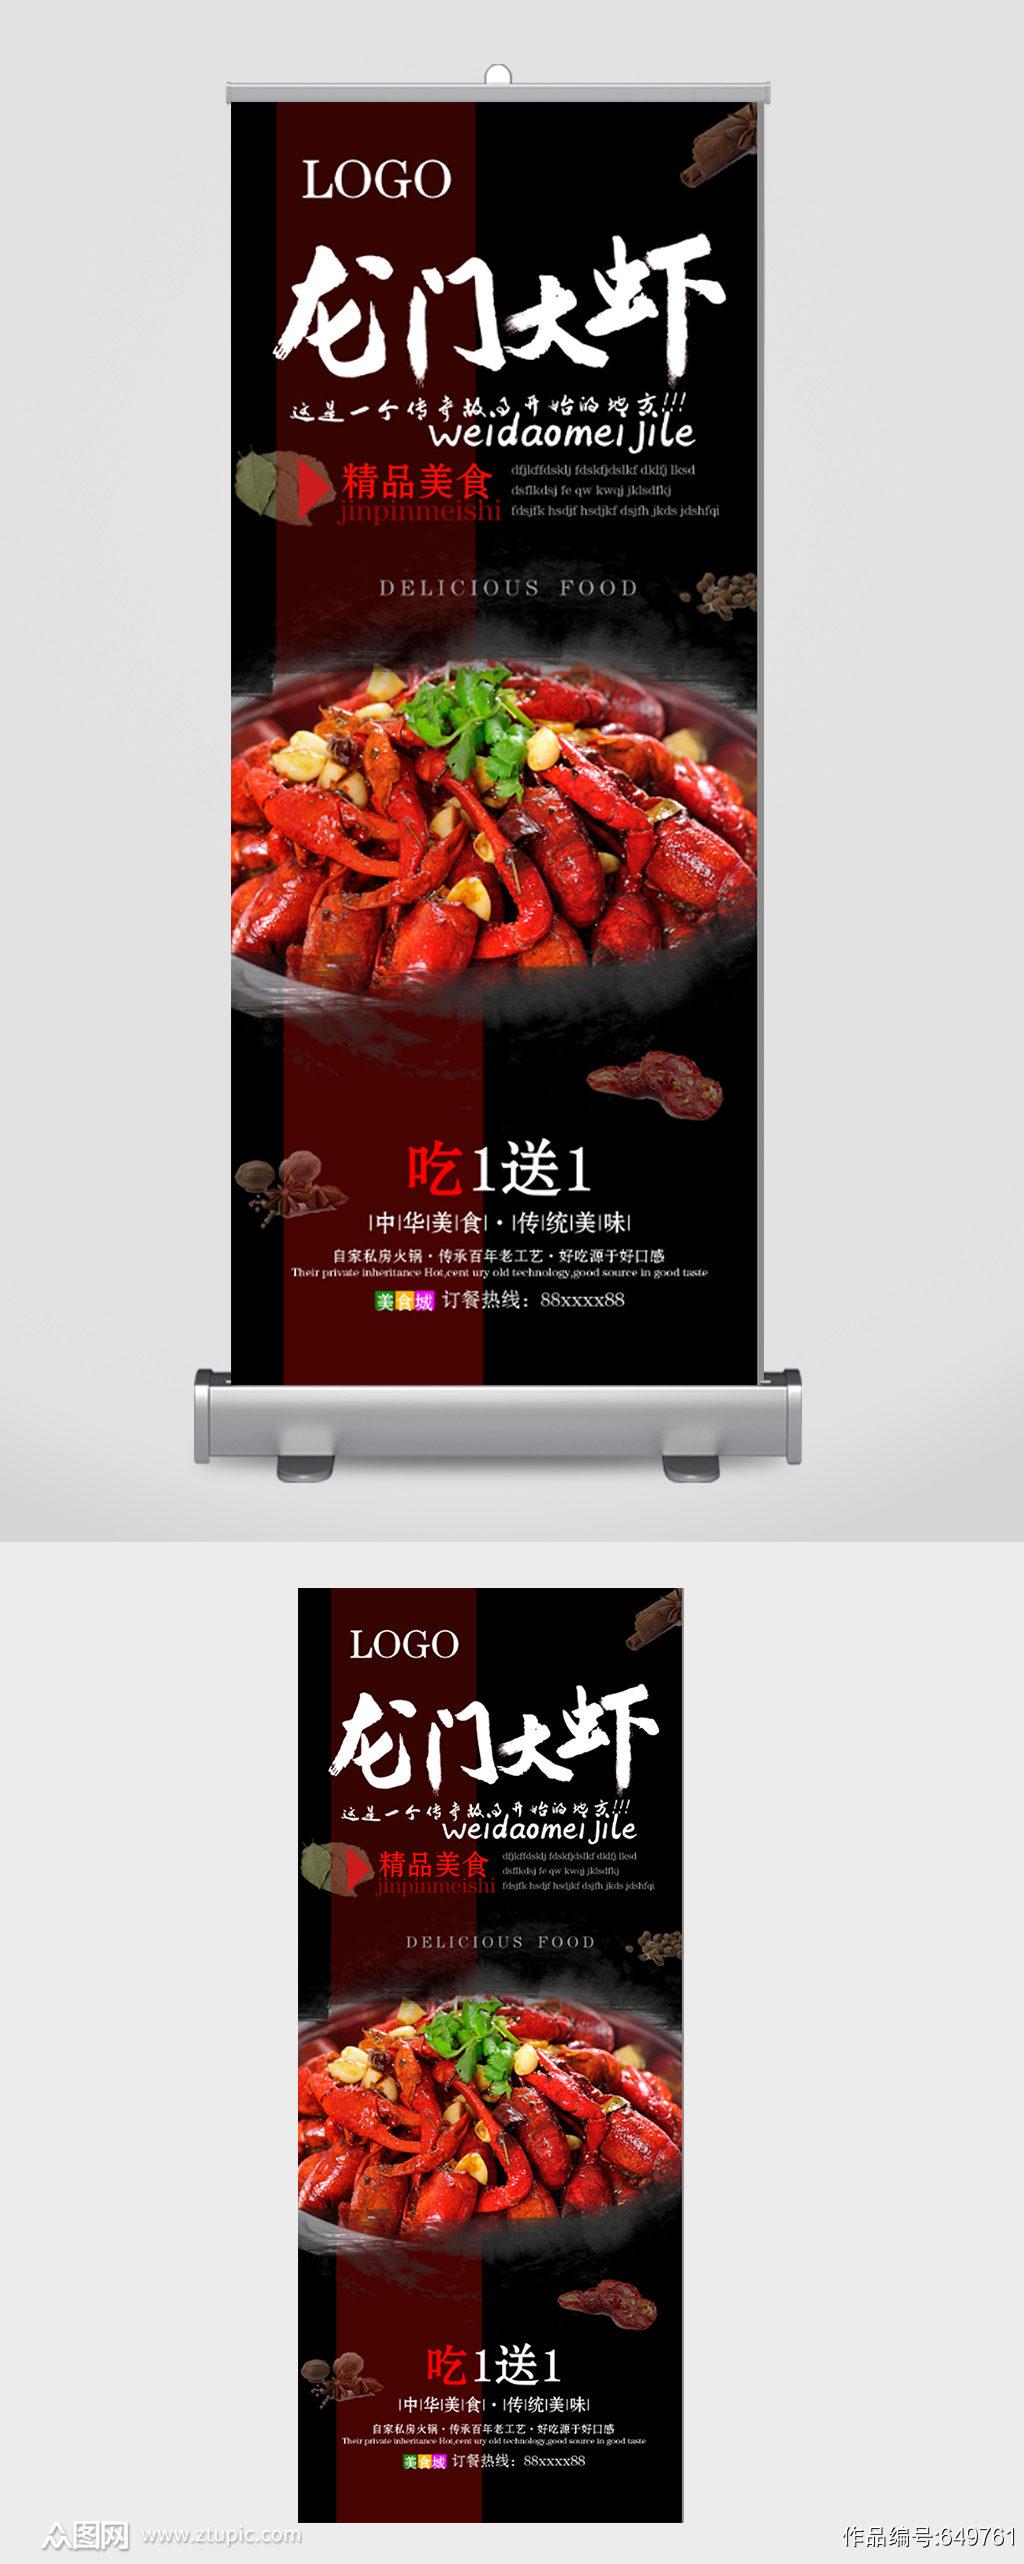 龙门大虾精品美食展架素材